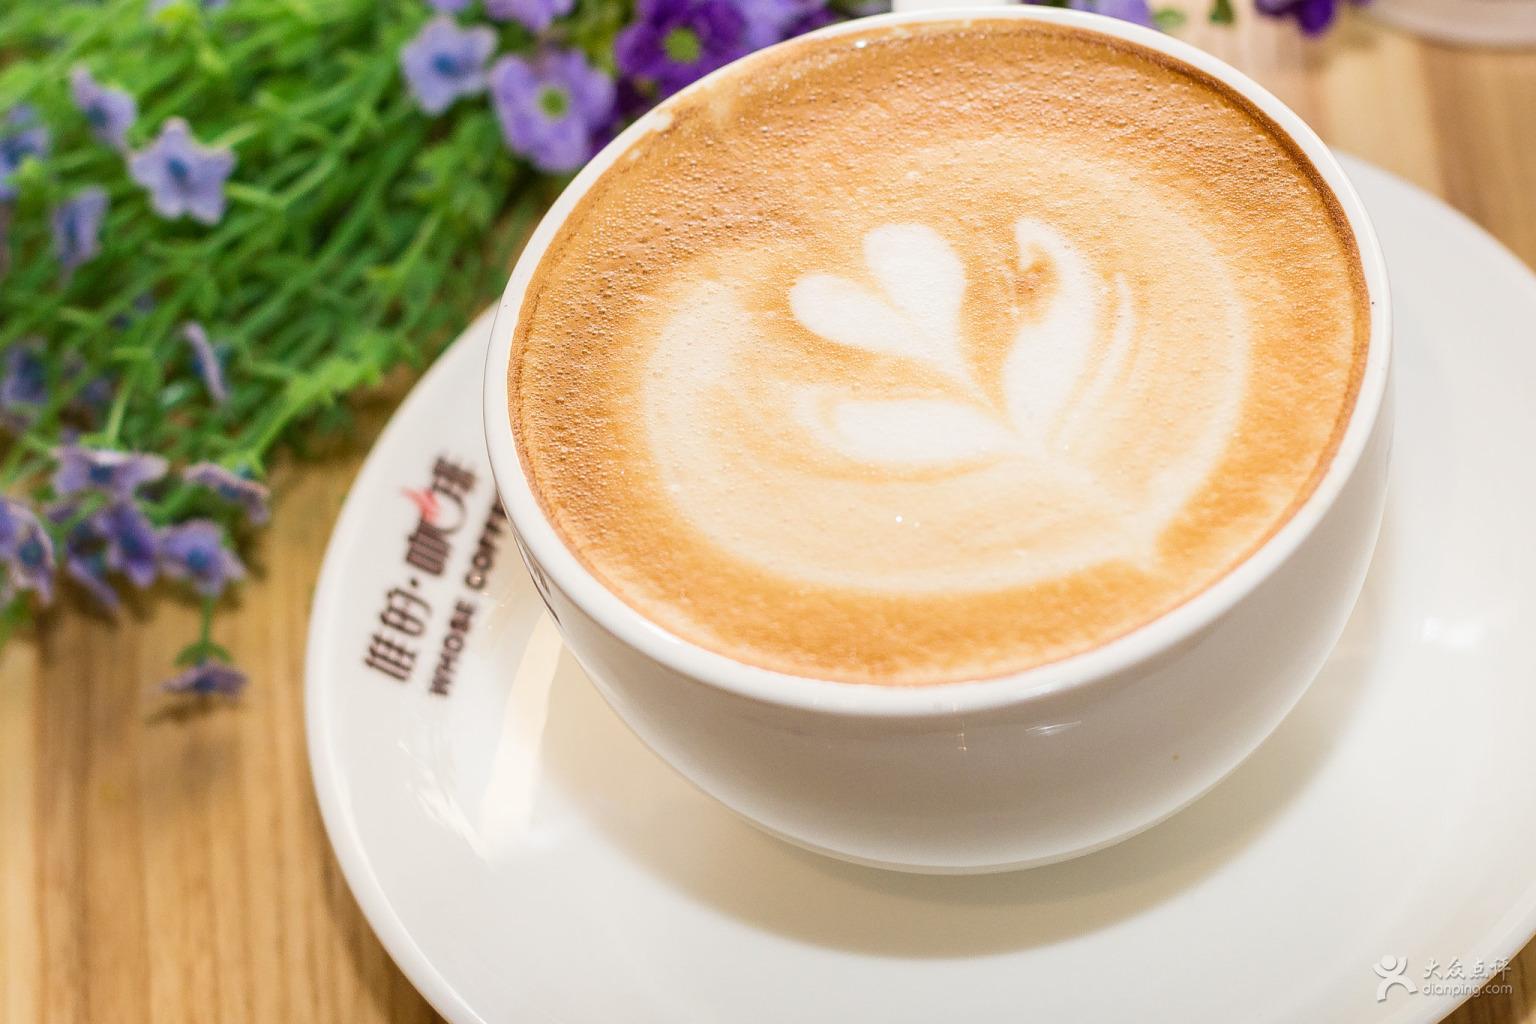 谁的咖啡告诉你:什么咖啡才是好的咖啡